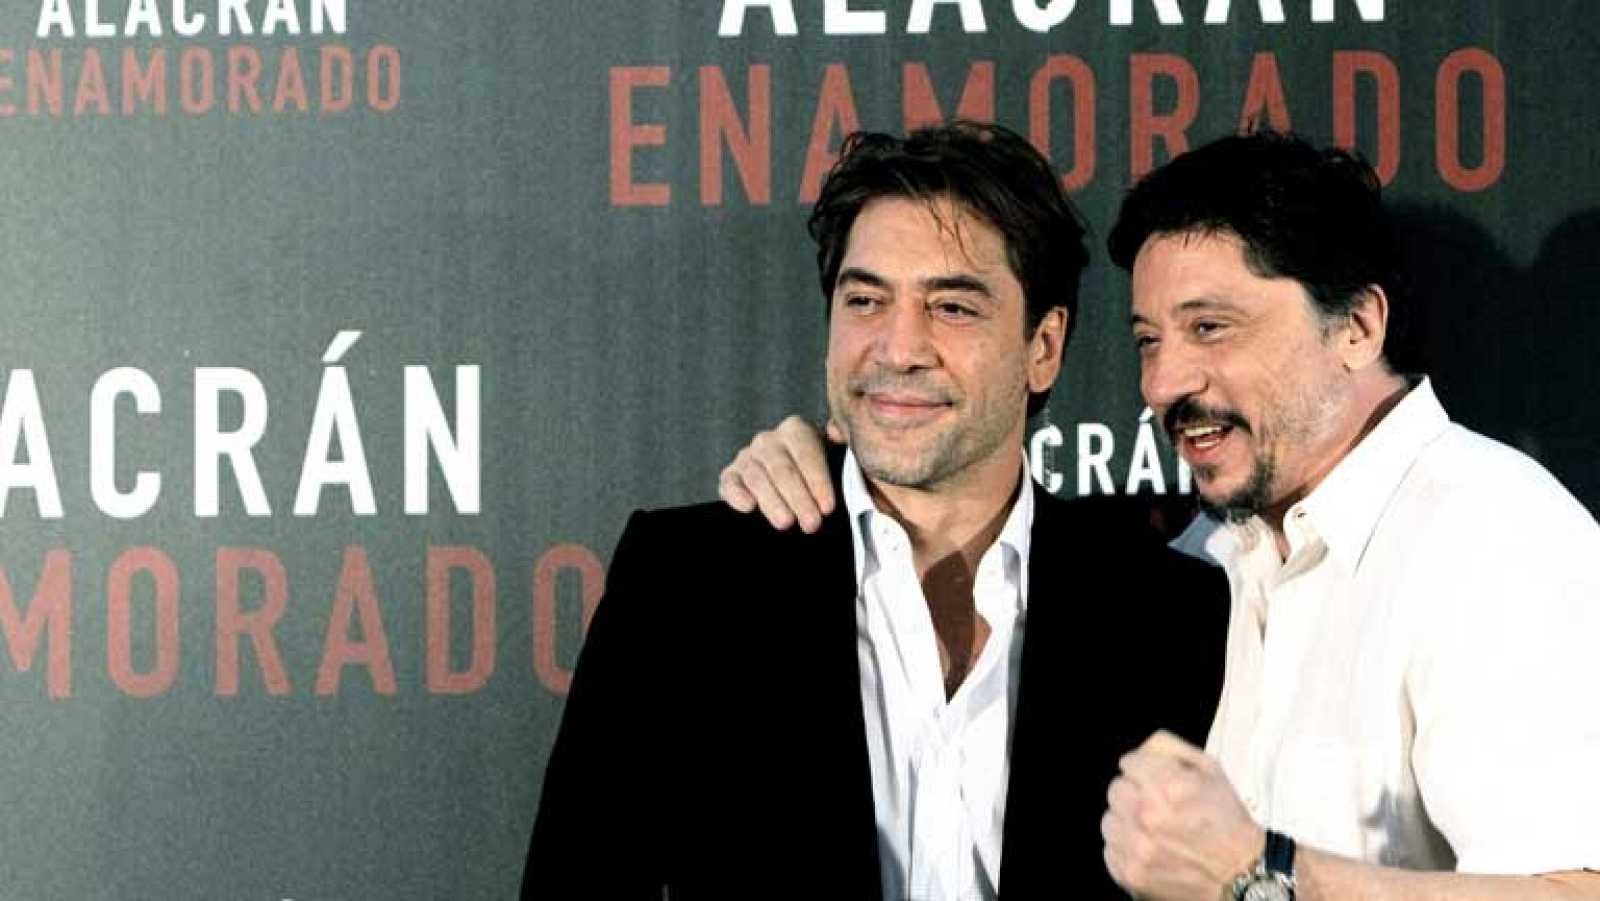 Javier Bardem Protagoniza La Película 'Alacrán Enamorado